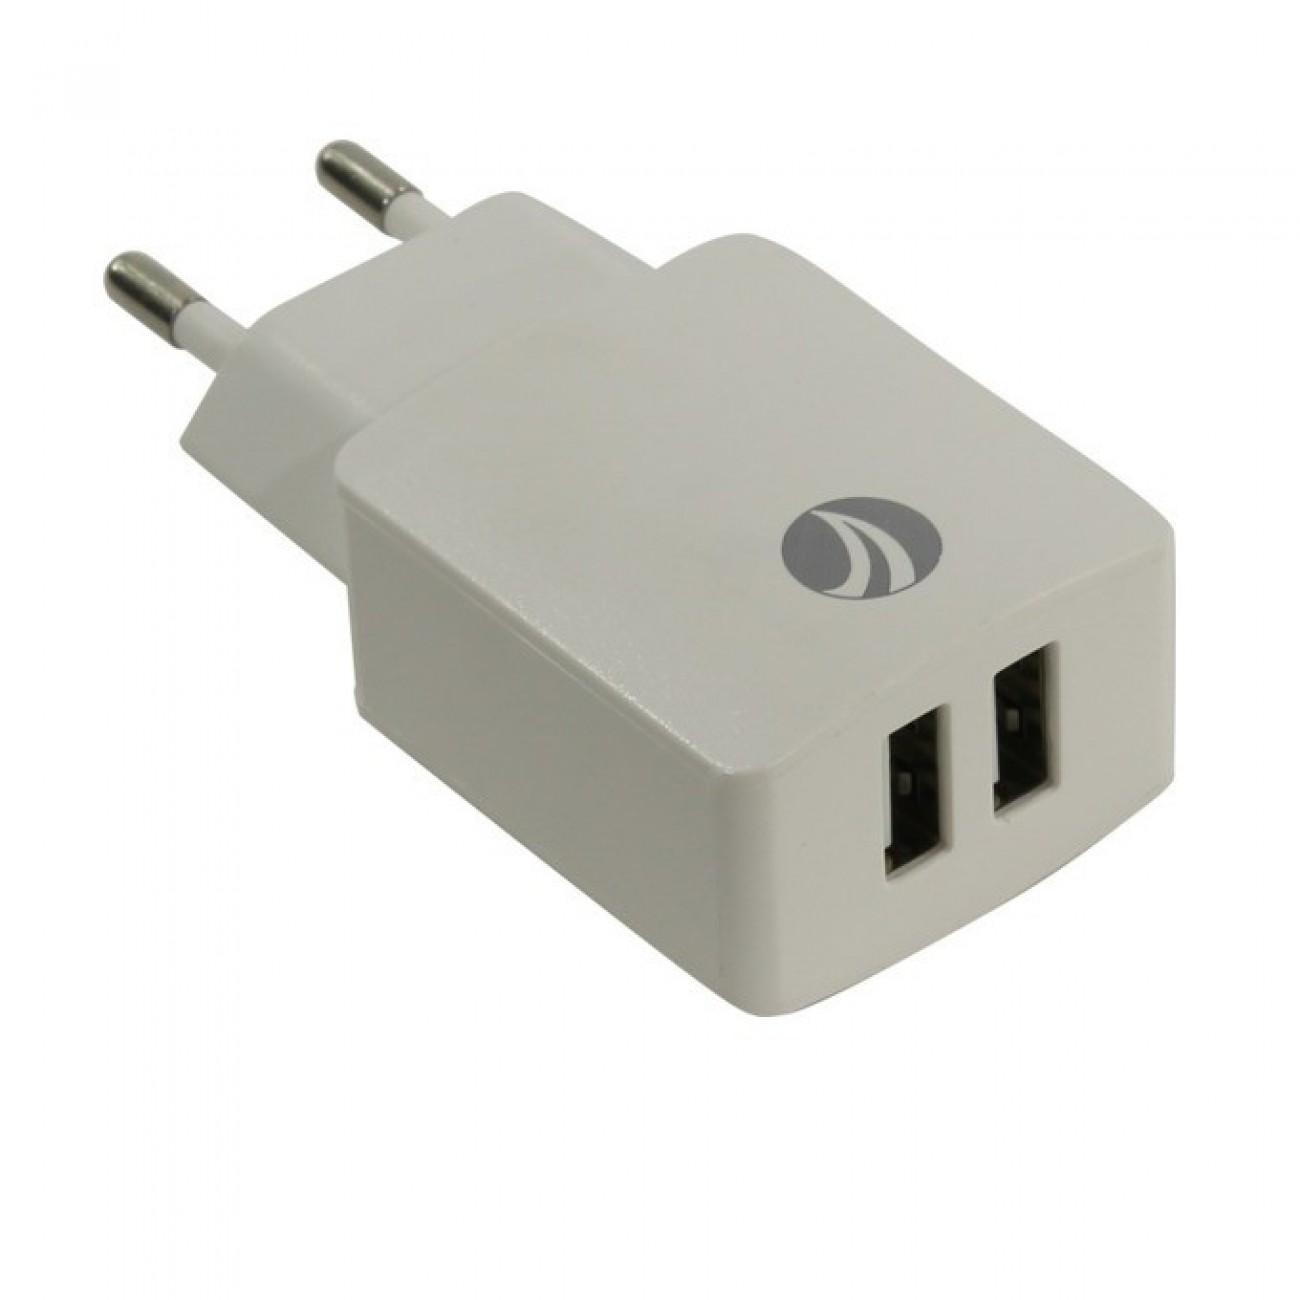 Зарядно за стена VCom Charger AC / 2A 2xUSB, бяло в Перални и Сушилни -  | Alleop